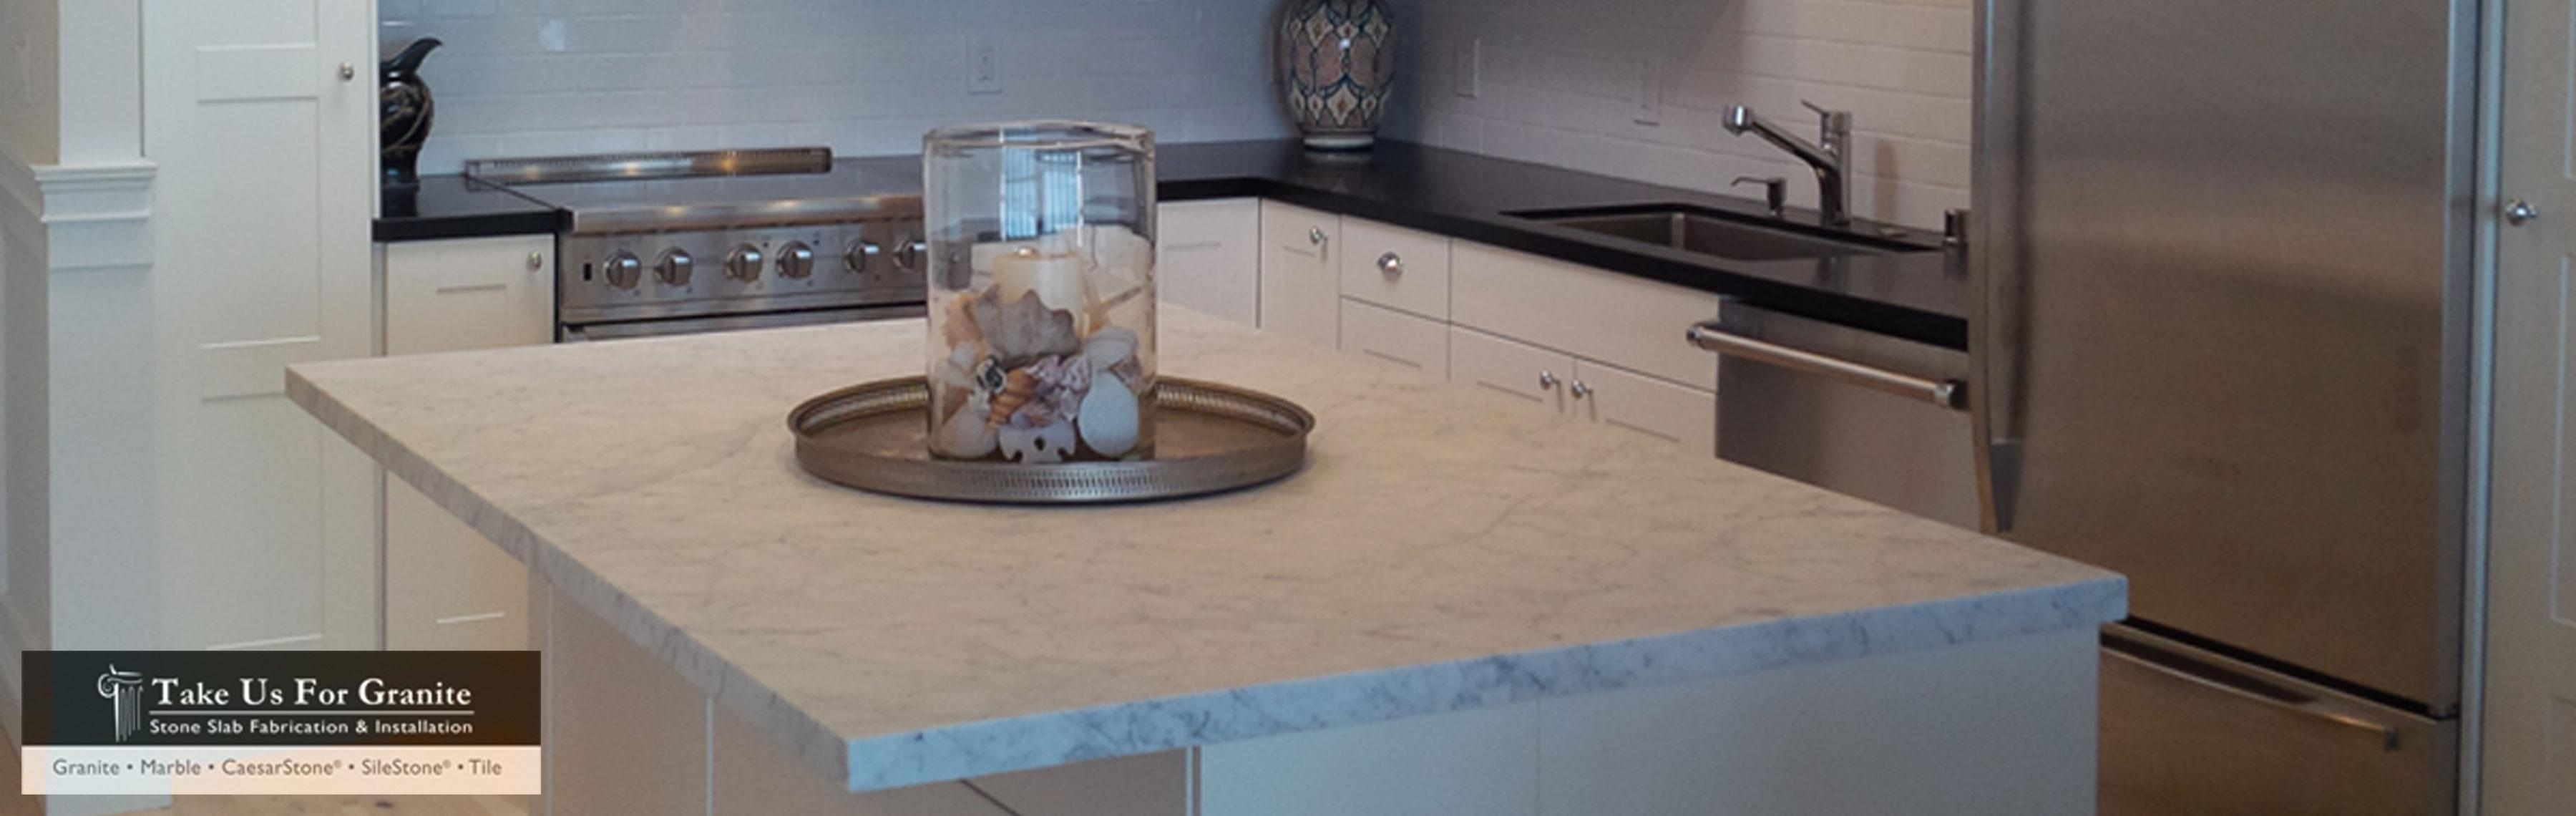 Take Us For Granite | Stone & Quartz Slab Sales, Fabrication